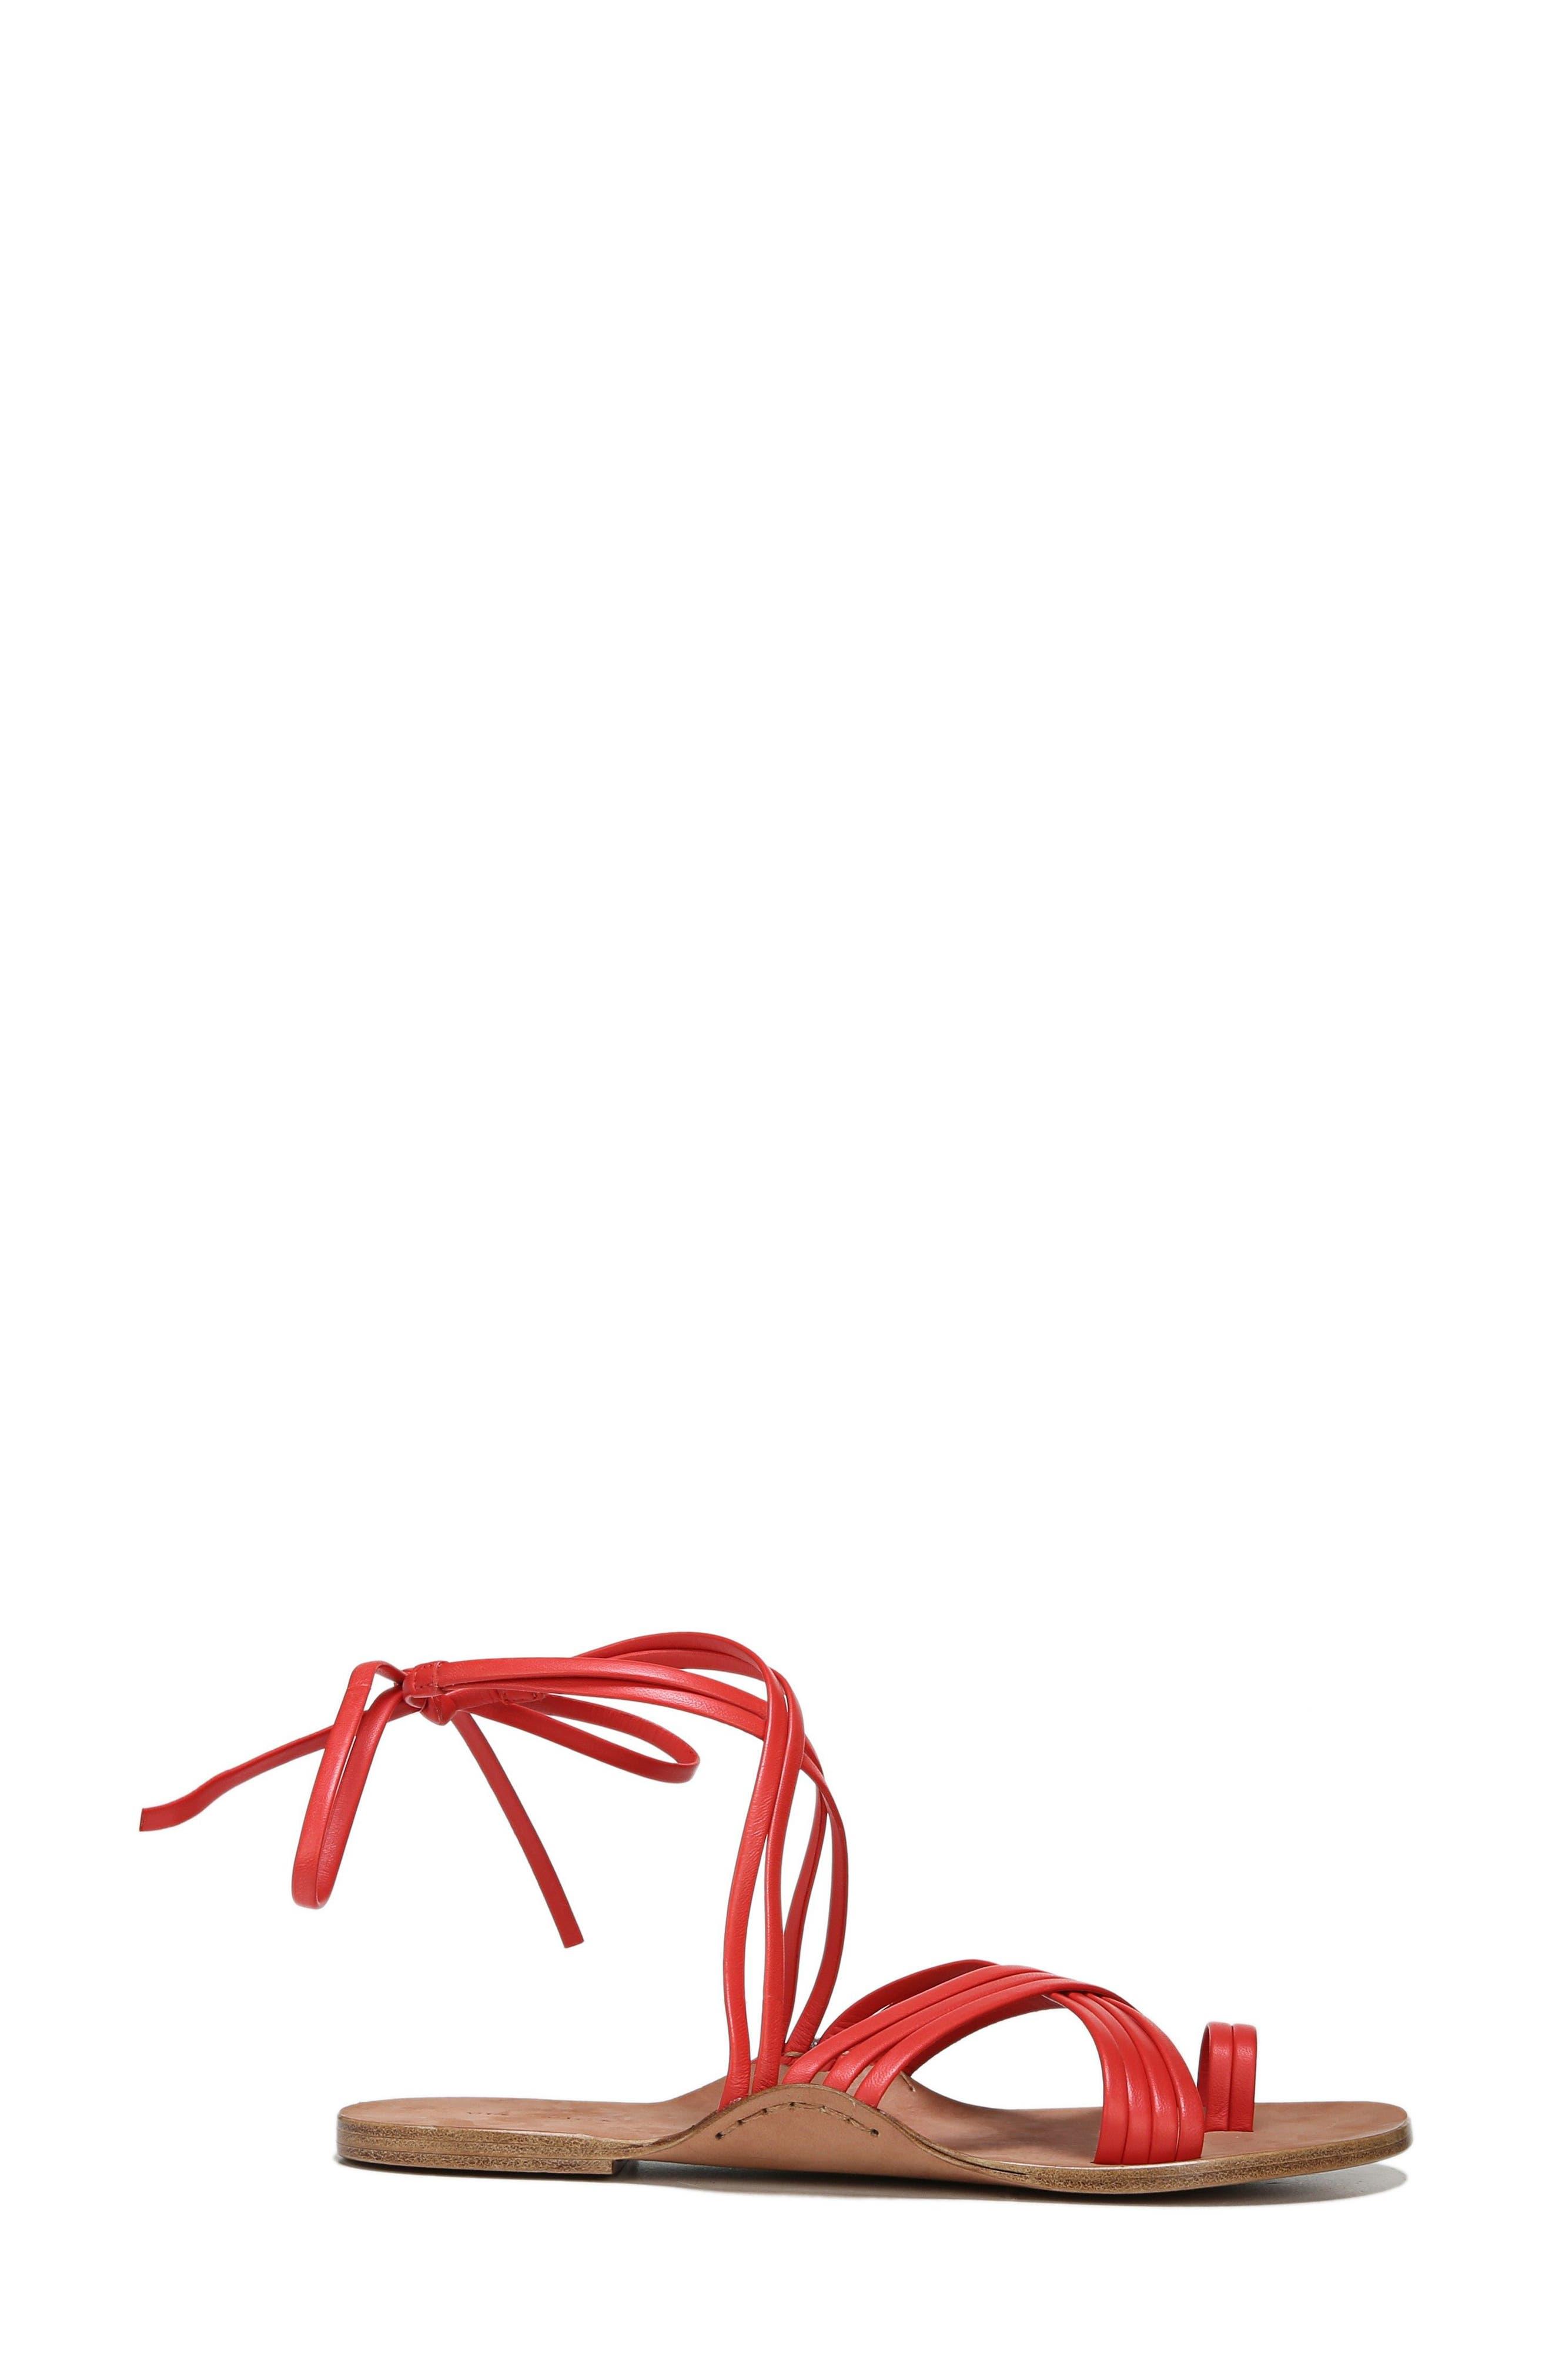 Allegra Sandal,                             Alternate thumbnail 3, color,                             Poppy Red Leather